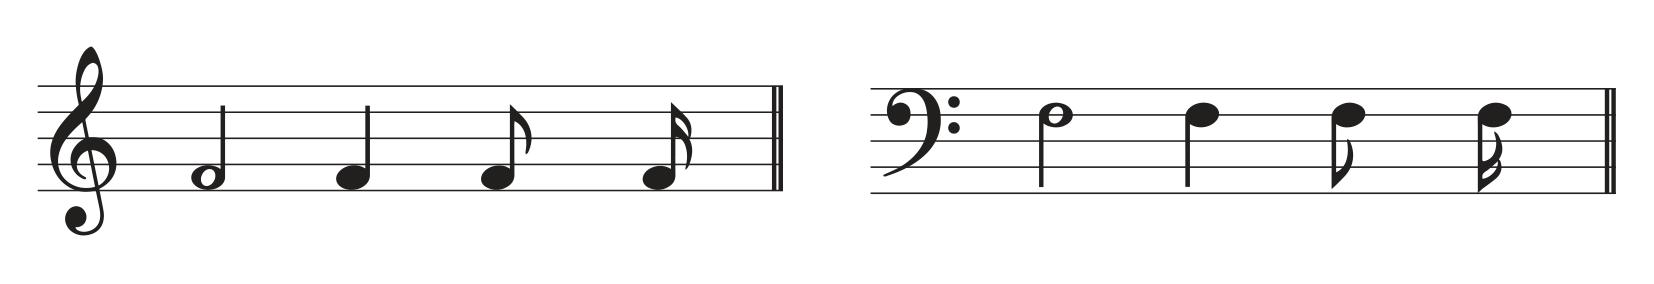 ilustração de clave de Sol seguida de clave de Fá.